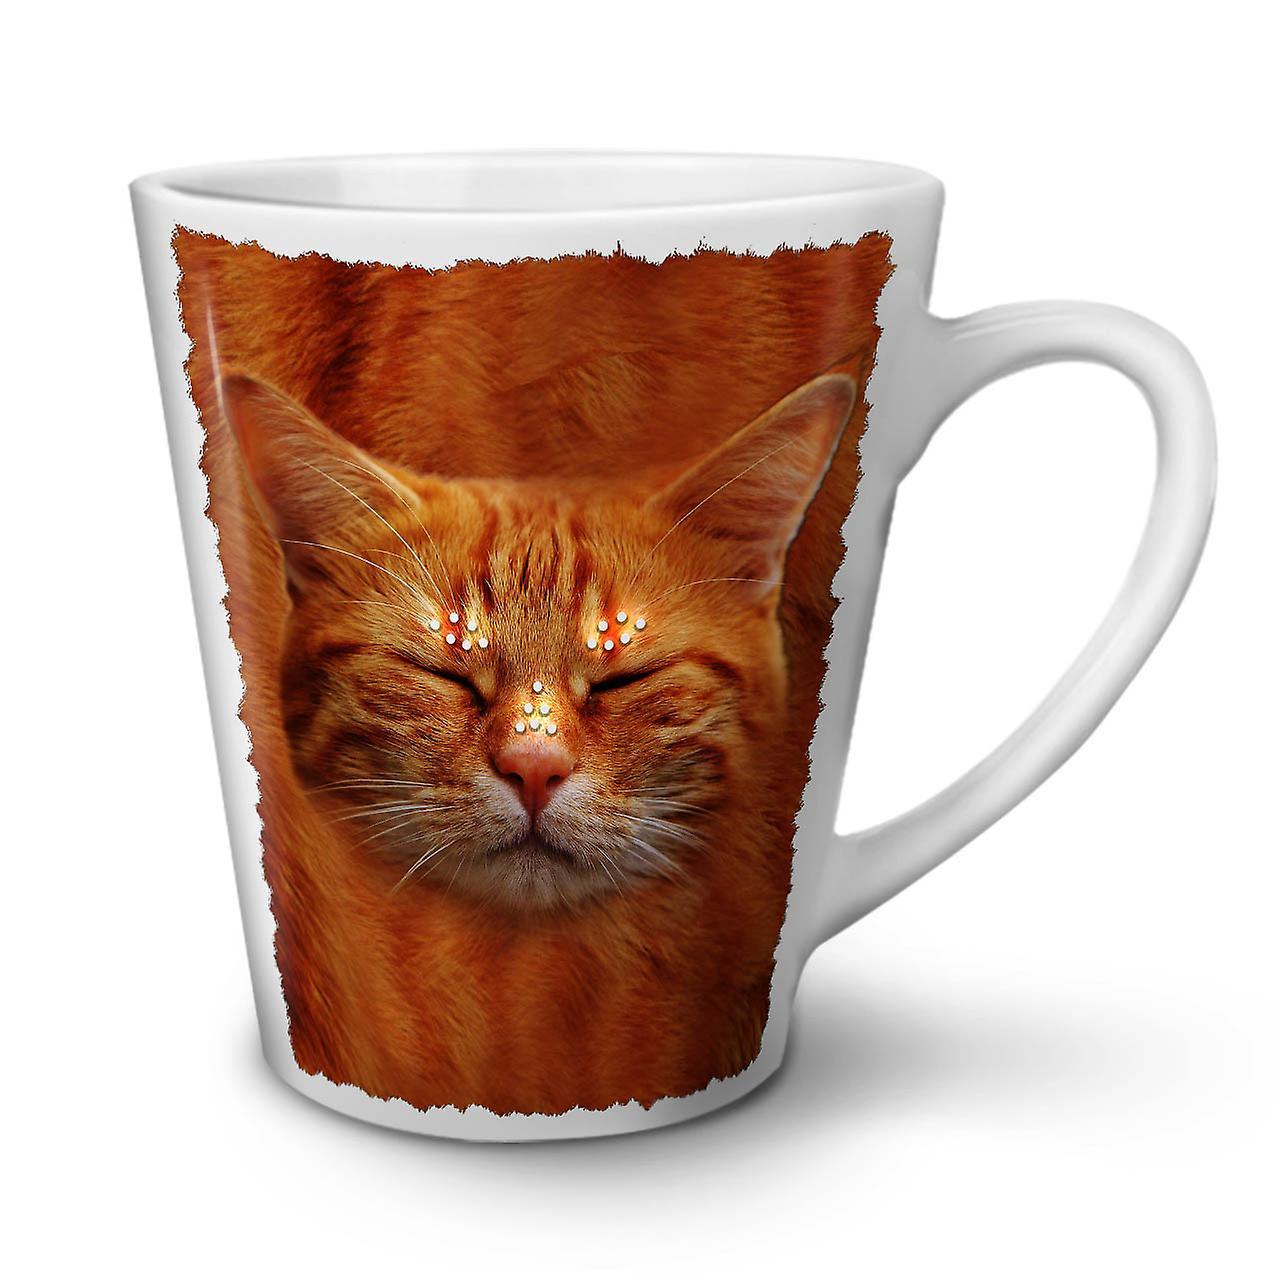 Tasse Nouvelle 12 Chaton Blanche Animaux OzWellcoda En Céramique Sleepy Latte Cat Café vb7yIYf6g